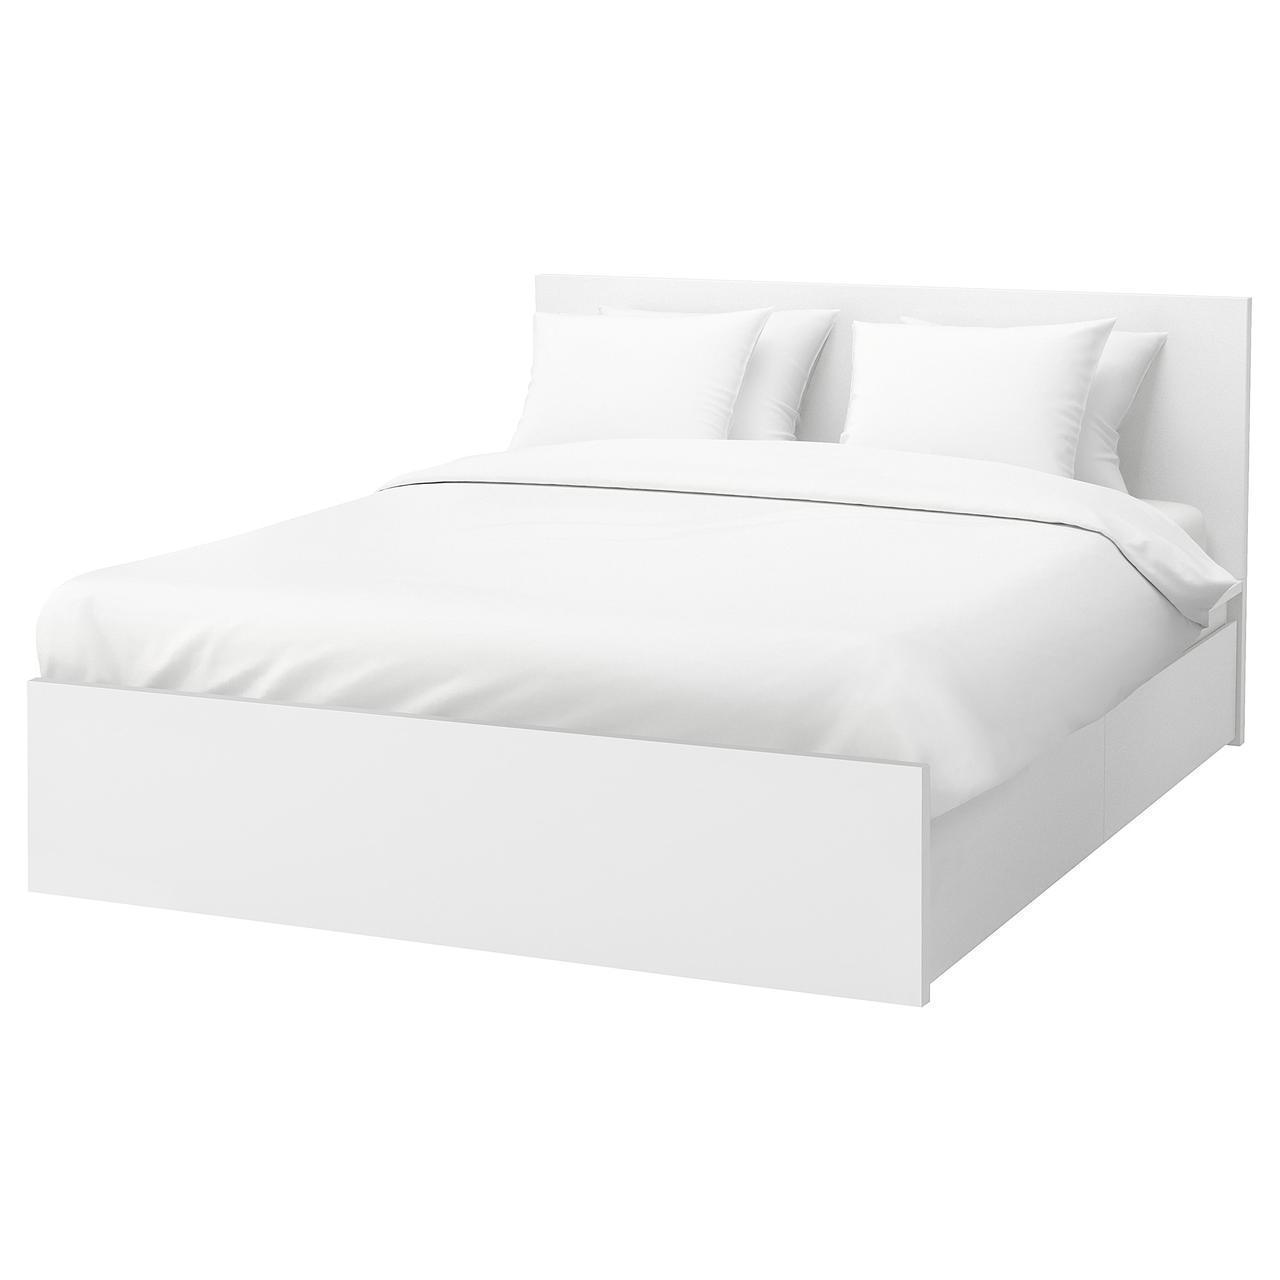 IKEA MALM Кровать высокая, 2 ящика, белый, Лонсет  (791.760.82)